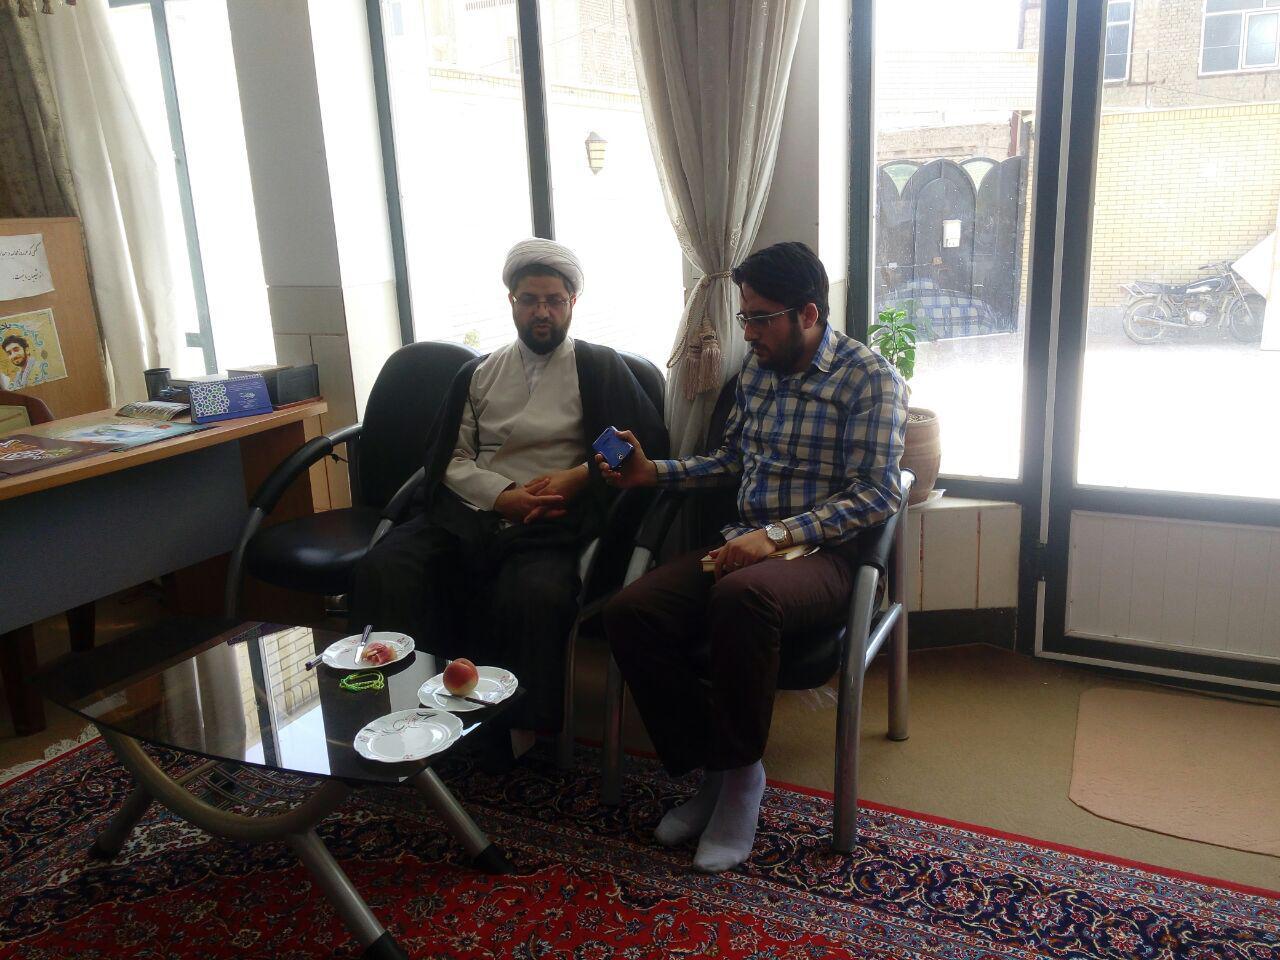 مصاحبه امام جمعه محترم شهر با خبرنگار خبرگزاری فارس